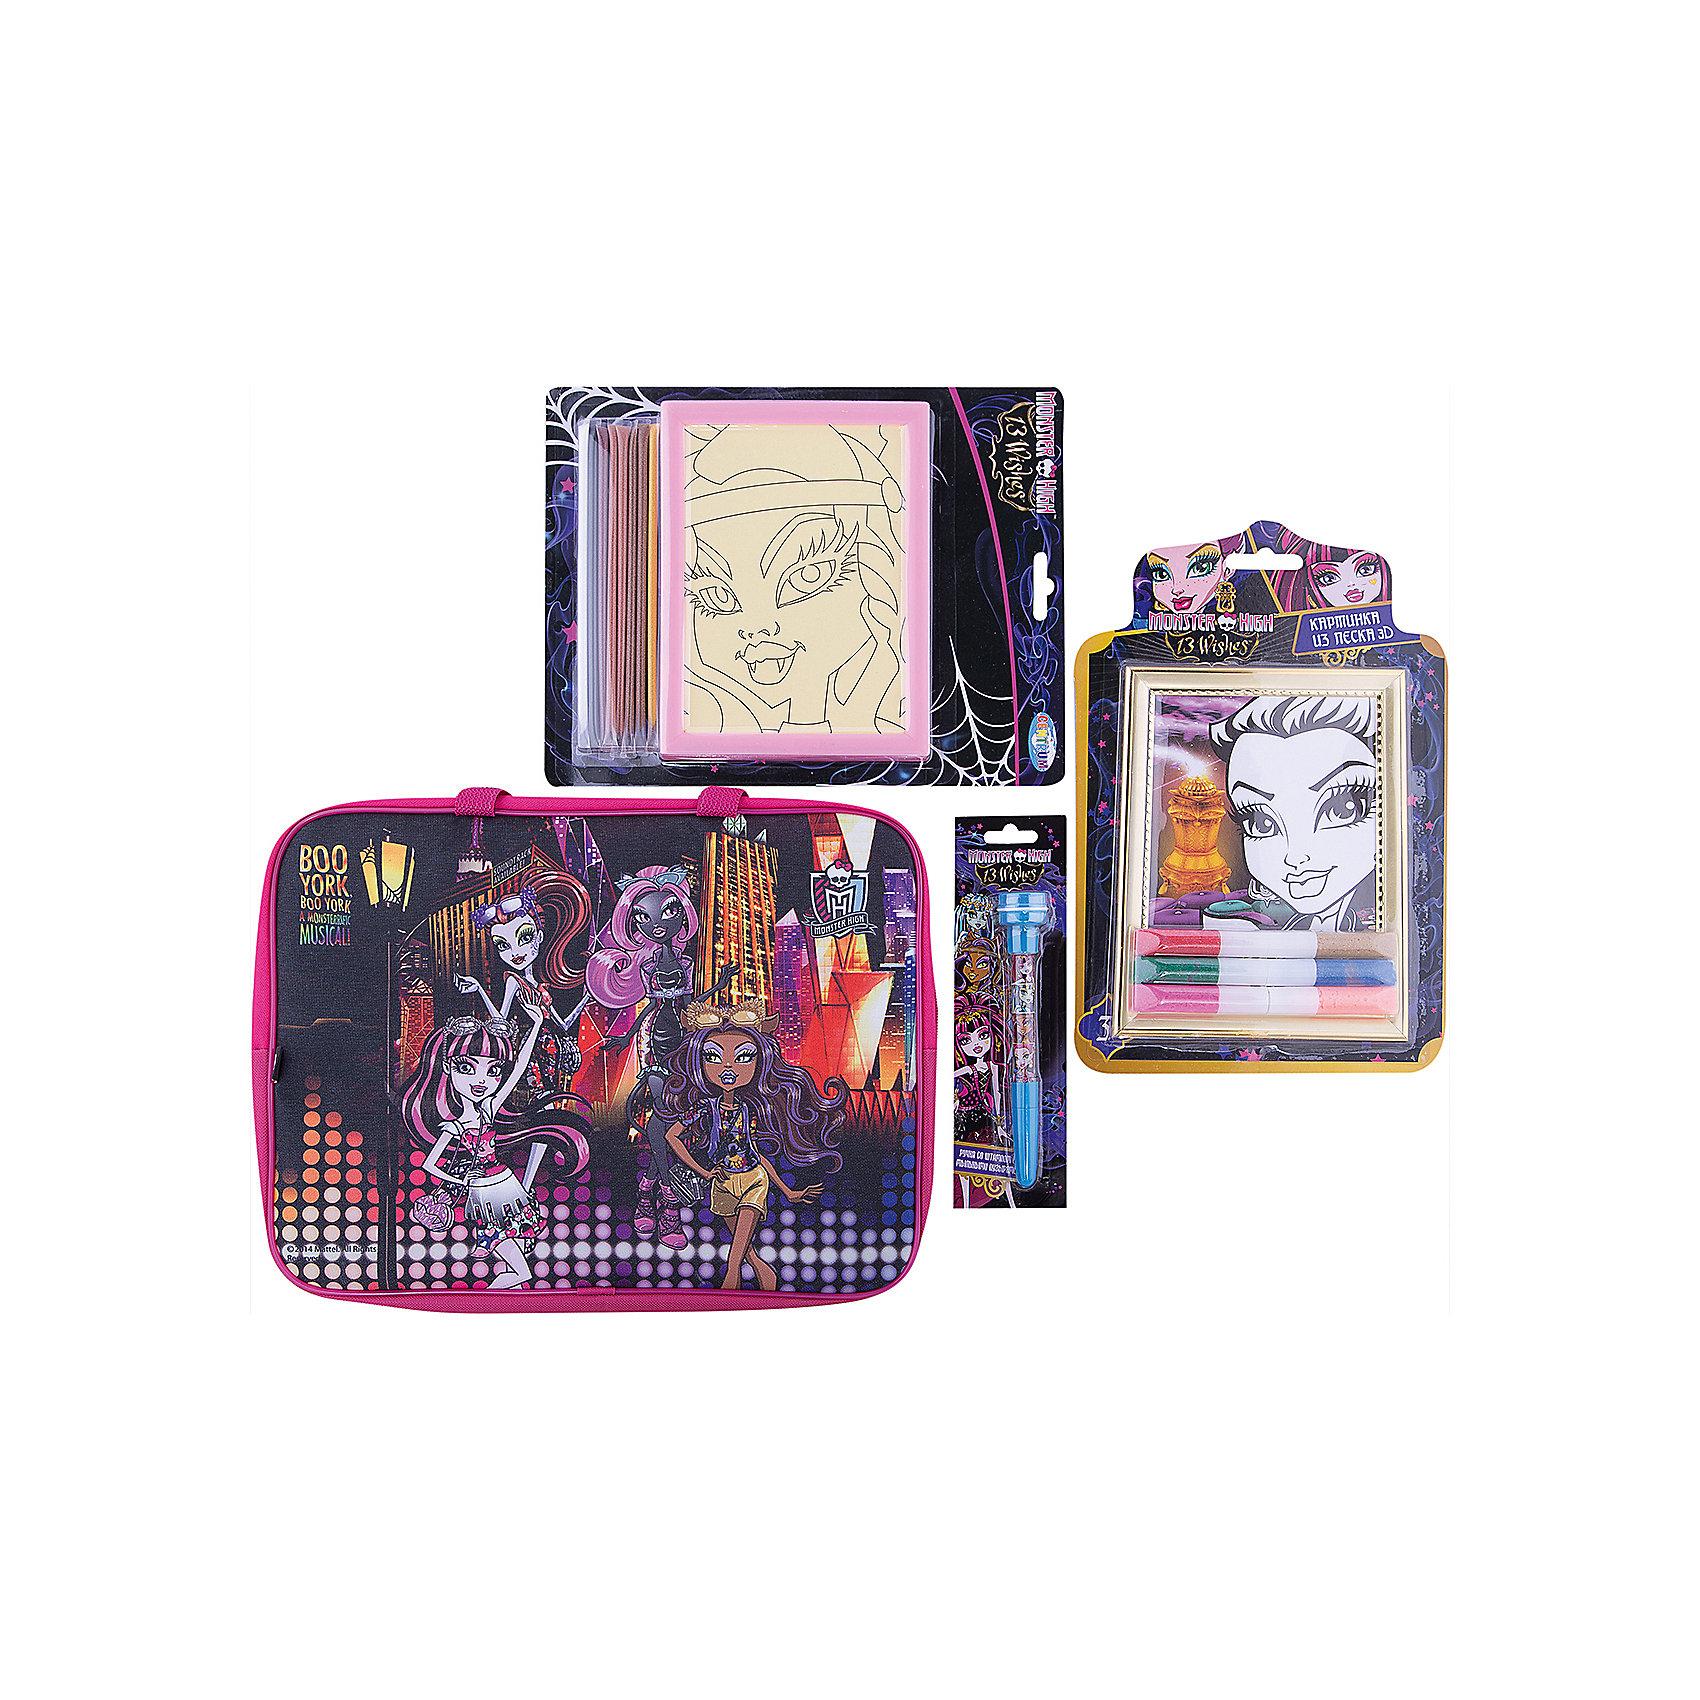 Набор для творчества Мonster High (4 предмета)Monster High<br>Набор для творчества Мonster High (4 предмета)<br><br>Характеристики:<br><br>- в набор входит: набор с цветным песком 3D, ручка 3 в 1, картинка для раскрашивания цветным песком текстильная папка-сумка <br>- состав: текстиль, пластик, песок, картон <br>- размер сумки: 26 * 4 * 35 см.<br>- для детей в возрасте: от 4 до 7 лет<br>- Страна производитель: Китай<br><br>Набор для творчества Monster High (Школа Монстров) вместе с любимыми героями придет по вкусу девочкам. Немецкая компания Centrum (Центрум) специализируется на товарах для детского творчества и развития, а также имеет необходимую лицензию для производства товаров с героями и логотипом популярного мультфильма Monster High (Школа Монстров). Набор с цветным песком включает в себя картинку-шаблон с контуром и клеевой сторой, на которую нужно аккуратно высыпать цветной песочек. Цветным песком в наборе с 3D картинкой блестящий и содержит клей в своем составе, сама картинка имеет объемную рамку и объемные детали. Ручка может писать, ставить штампики и выпускать мыльные пузыри. Удобная папка-сумка с двумя ручками будет хранить поделки девочки или может использоватья для других целей. Работа с творческими наборами разрабатывает моторику рук, творческие способности, воображение, восприятие цветов и форм, помогает развить аккуратность и внимание. <br><br>Набор для творчества Мonster High (4 предмета) можно купить в нашем интернет-магазине.<br><br>Ширина мм: 50<br>Глубина мм: 360<br>Высота мм: 280<br>Вес г: 515<br>Возраст от месяцев: 36<br>Возраст до месяцев: 120<br>Пол: Женский<br>Возраст: Детский<br>SKU: 5175420